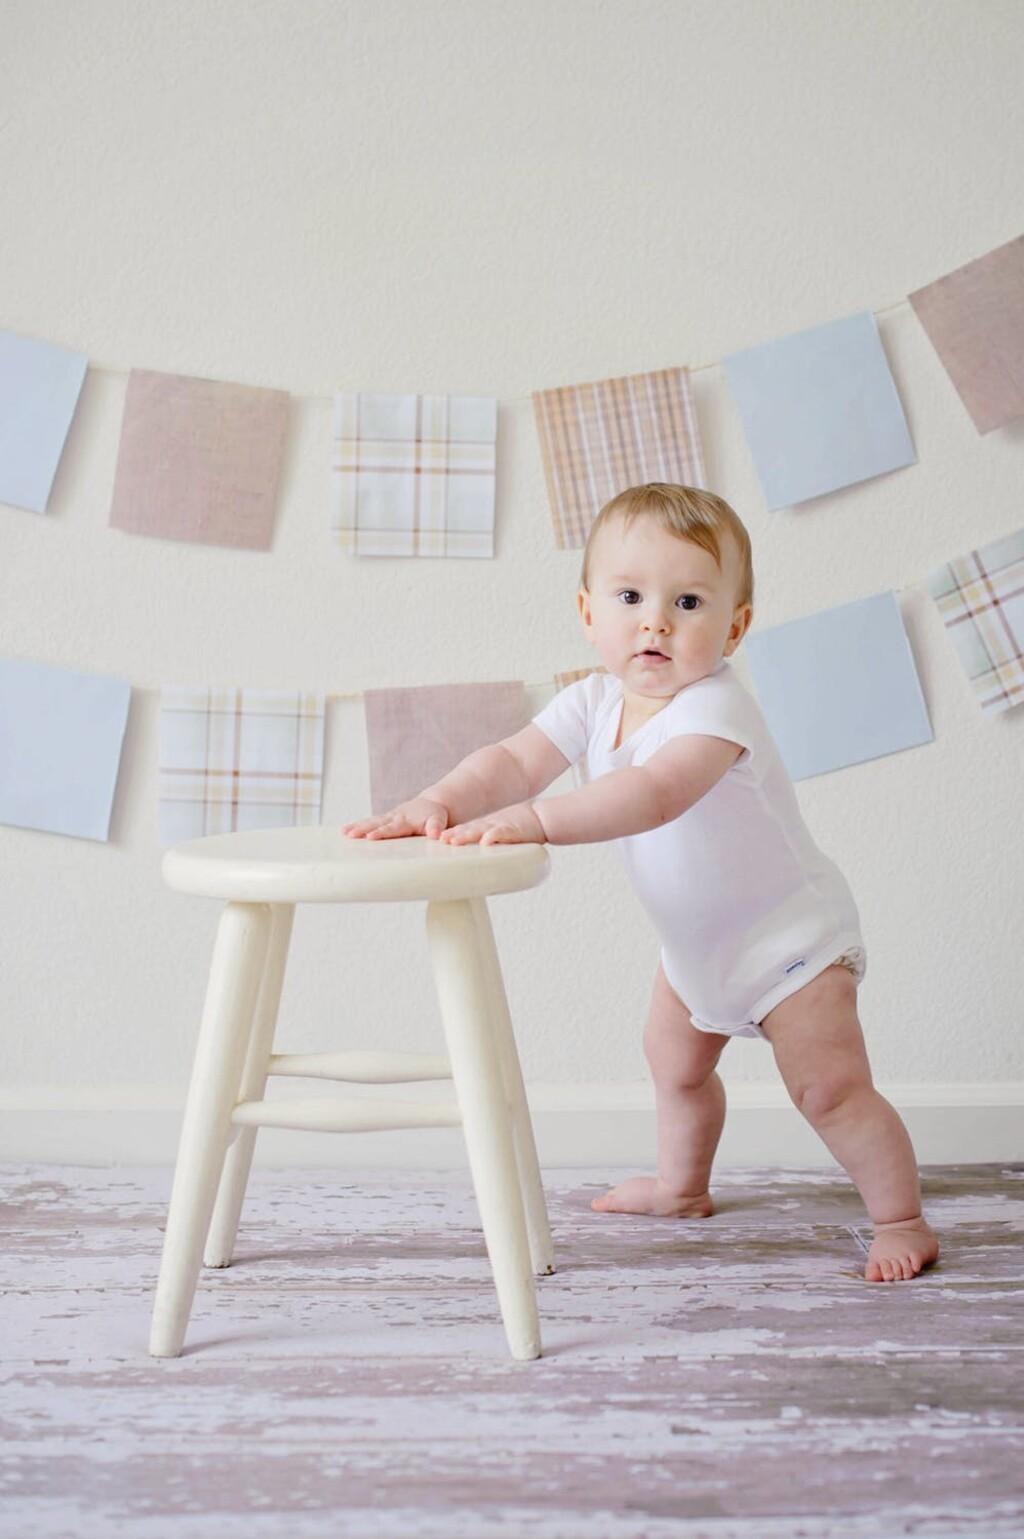 Oblečenie je síce lacné a deti s neho rýchlo vyrastú ale má mnoho krát  nízku kvalitu a môže dokonca aj ohroziť zdravie vášho dieťatka. 97c84a00fab